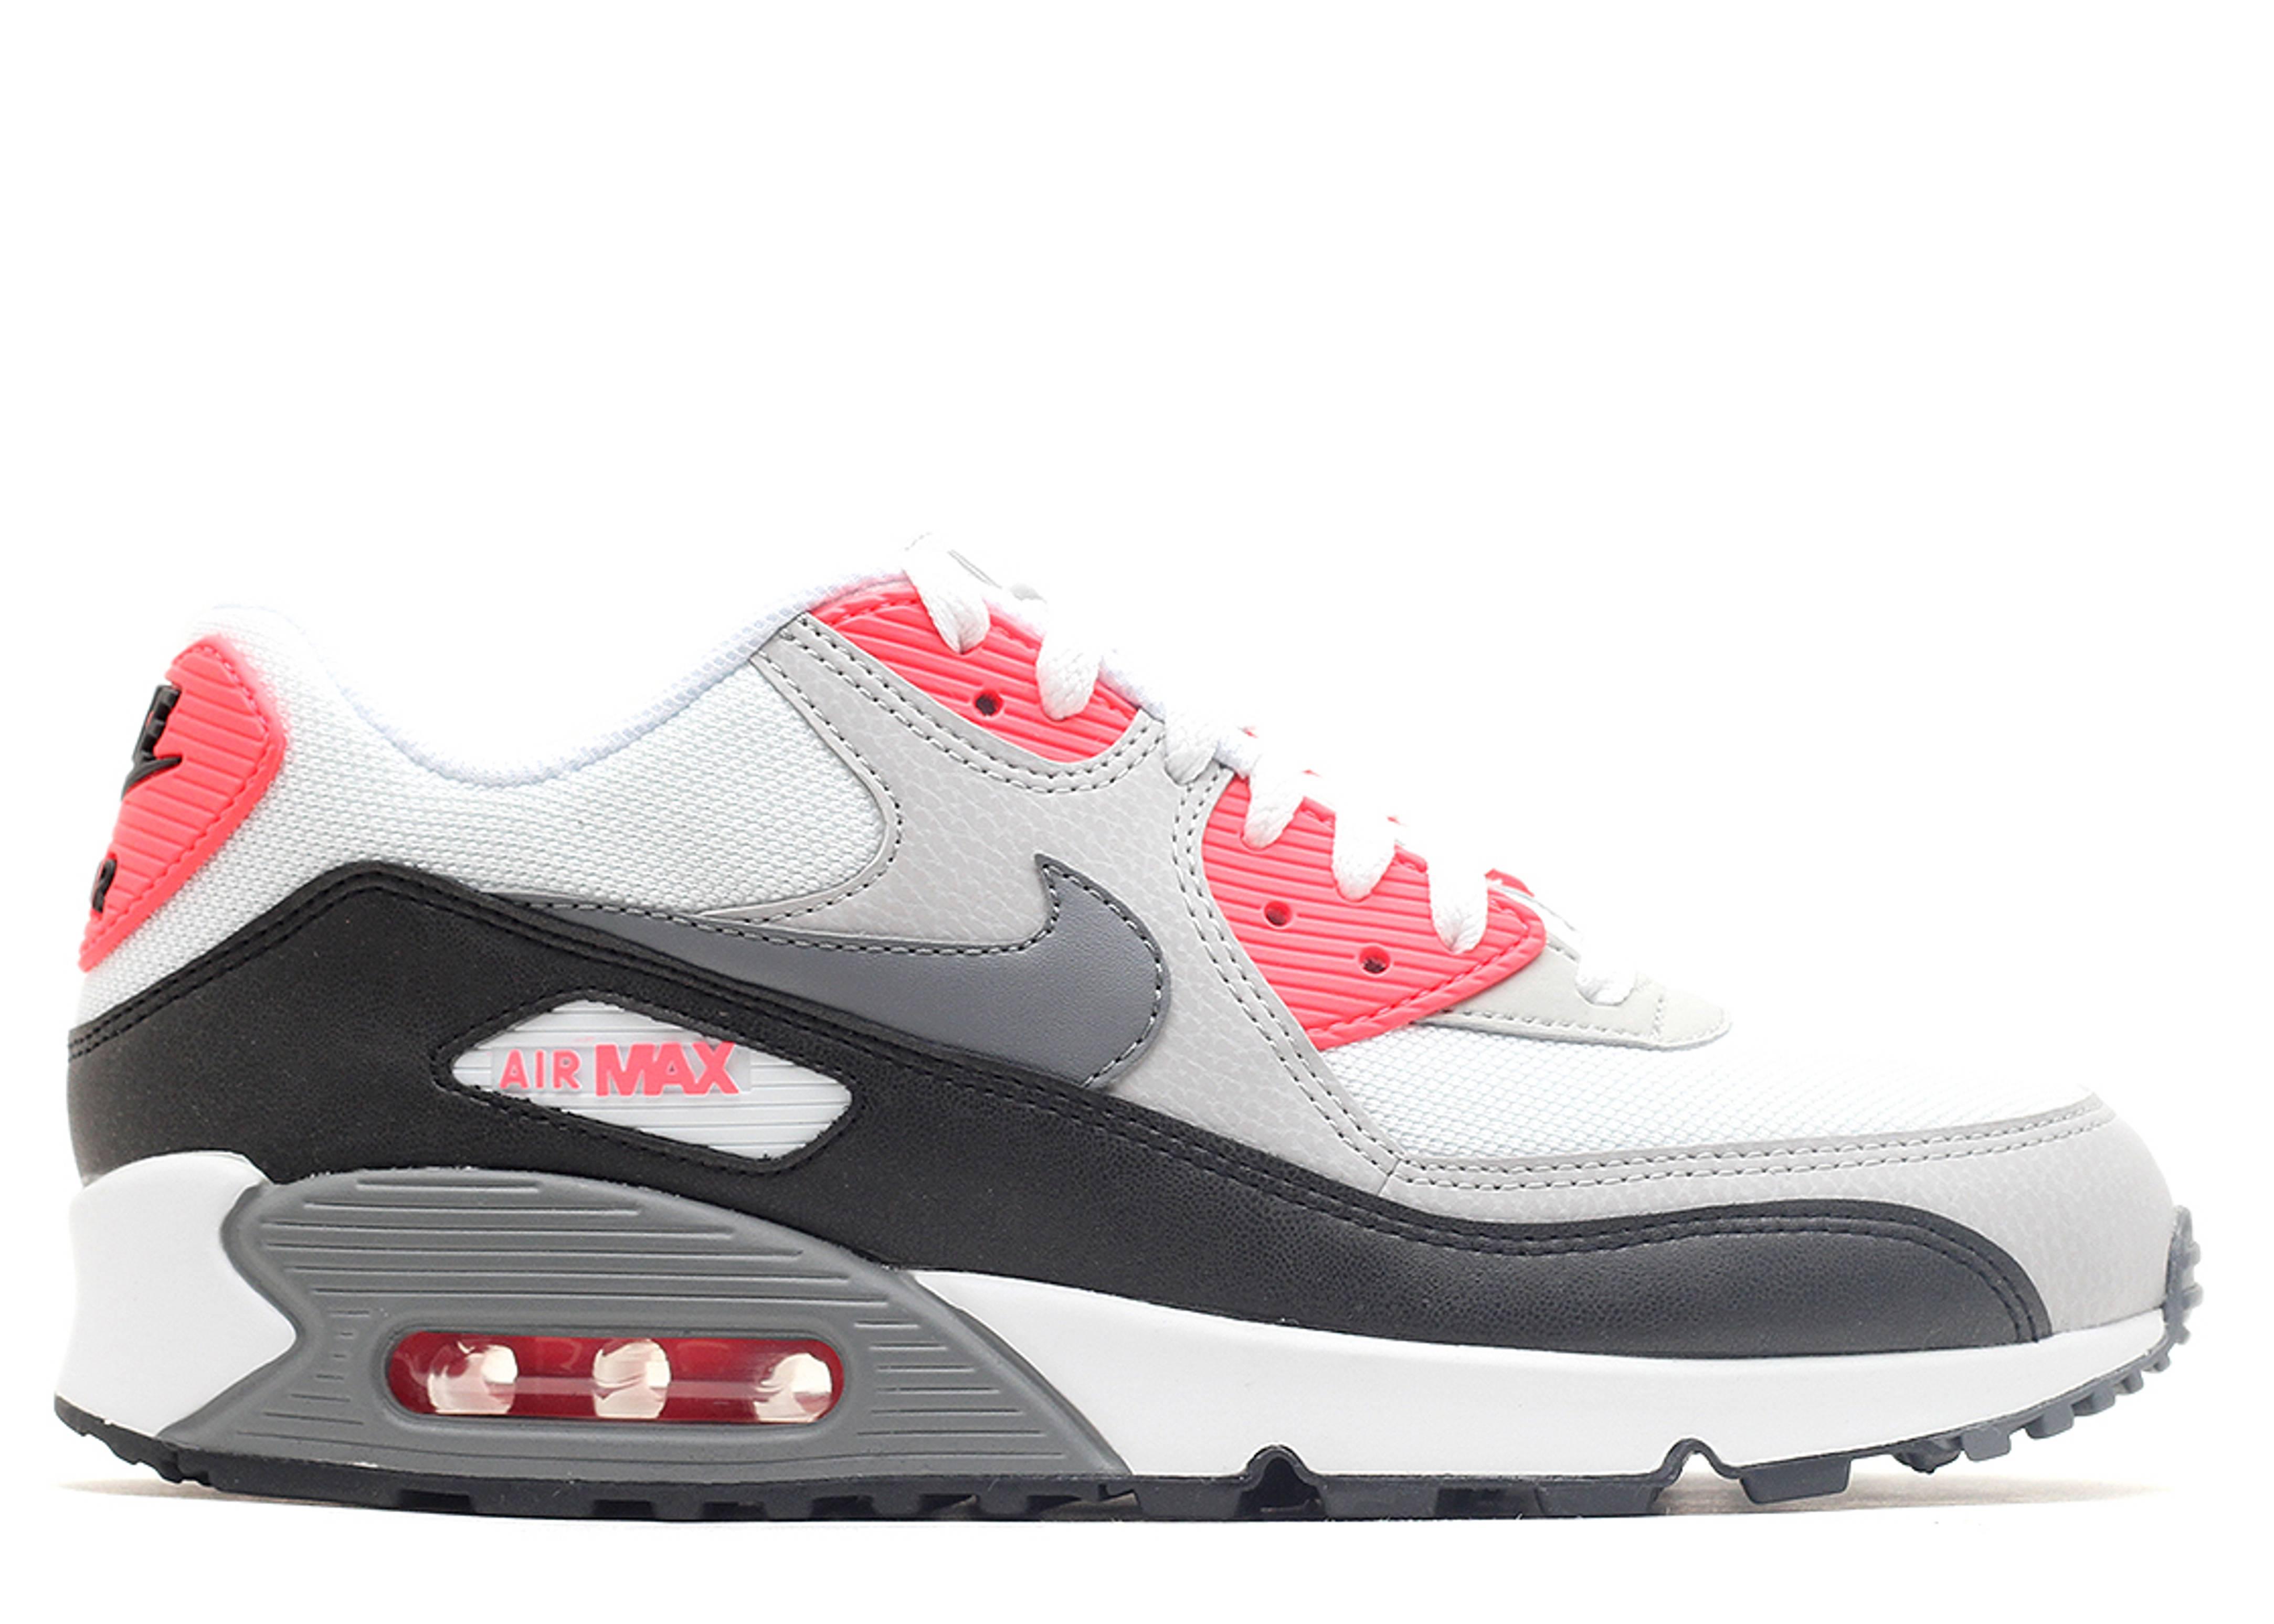 3369edbd9bf29 Air Max 90 Essential - Nike - 537384 108 - white cool grey-ntrl grey ...